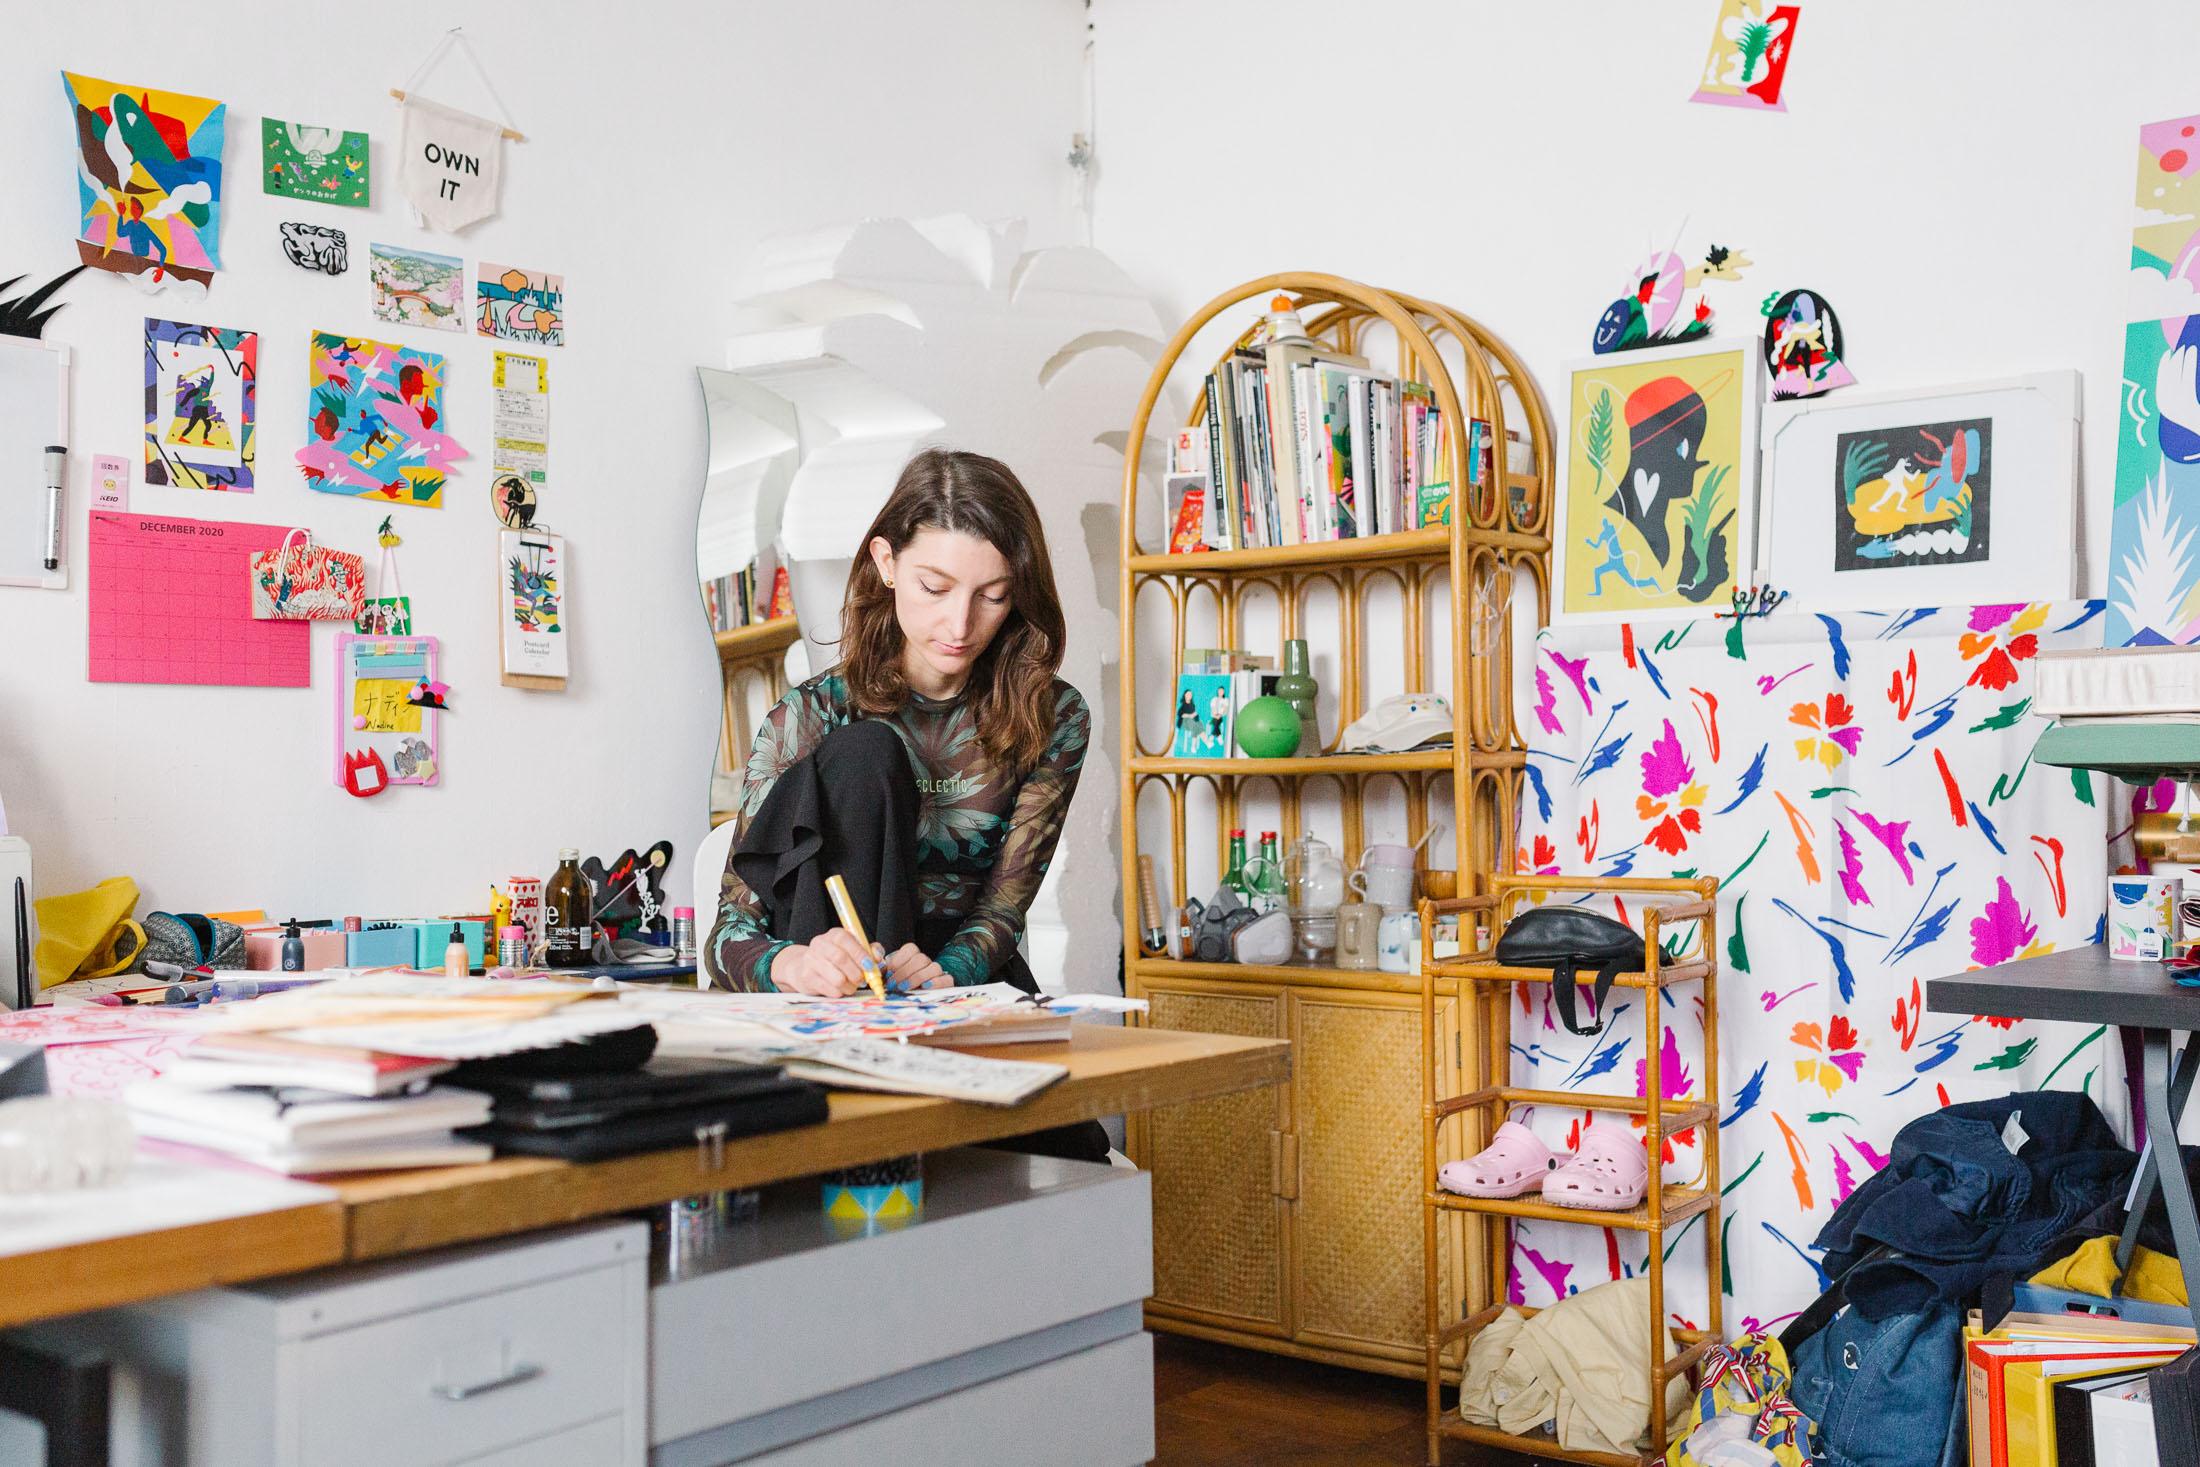 NADINE KOLODZIEY - L'illustratrice che si ispira alla cultura giapponese(Video)